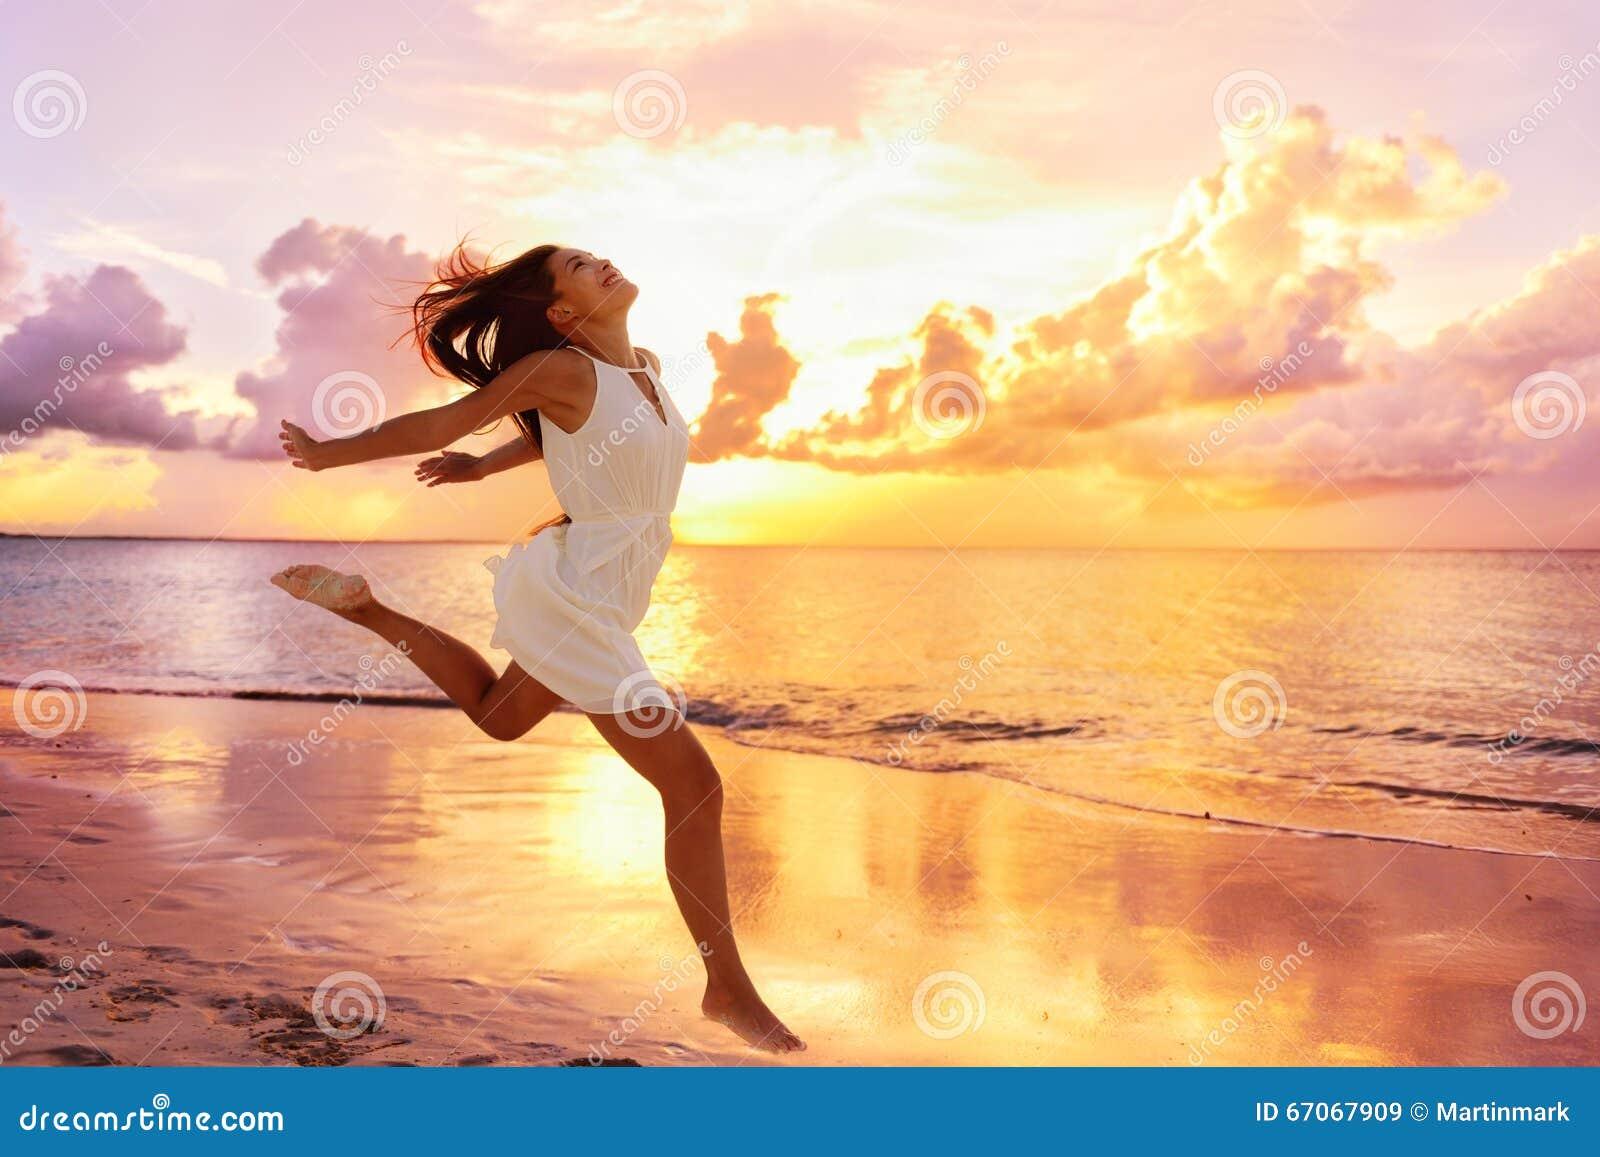 自由健康幸福概念-愉快的妇女